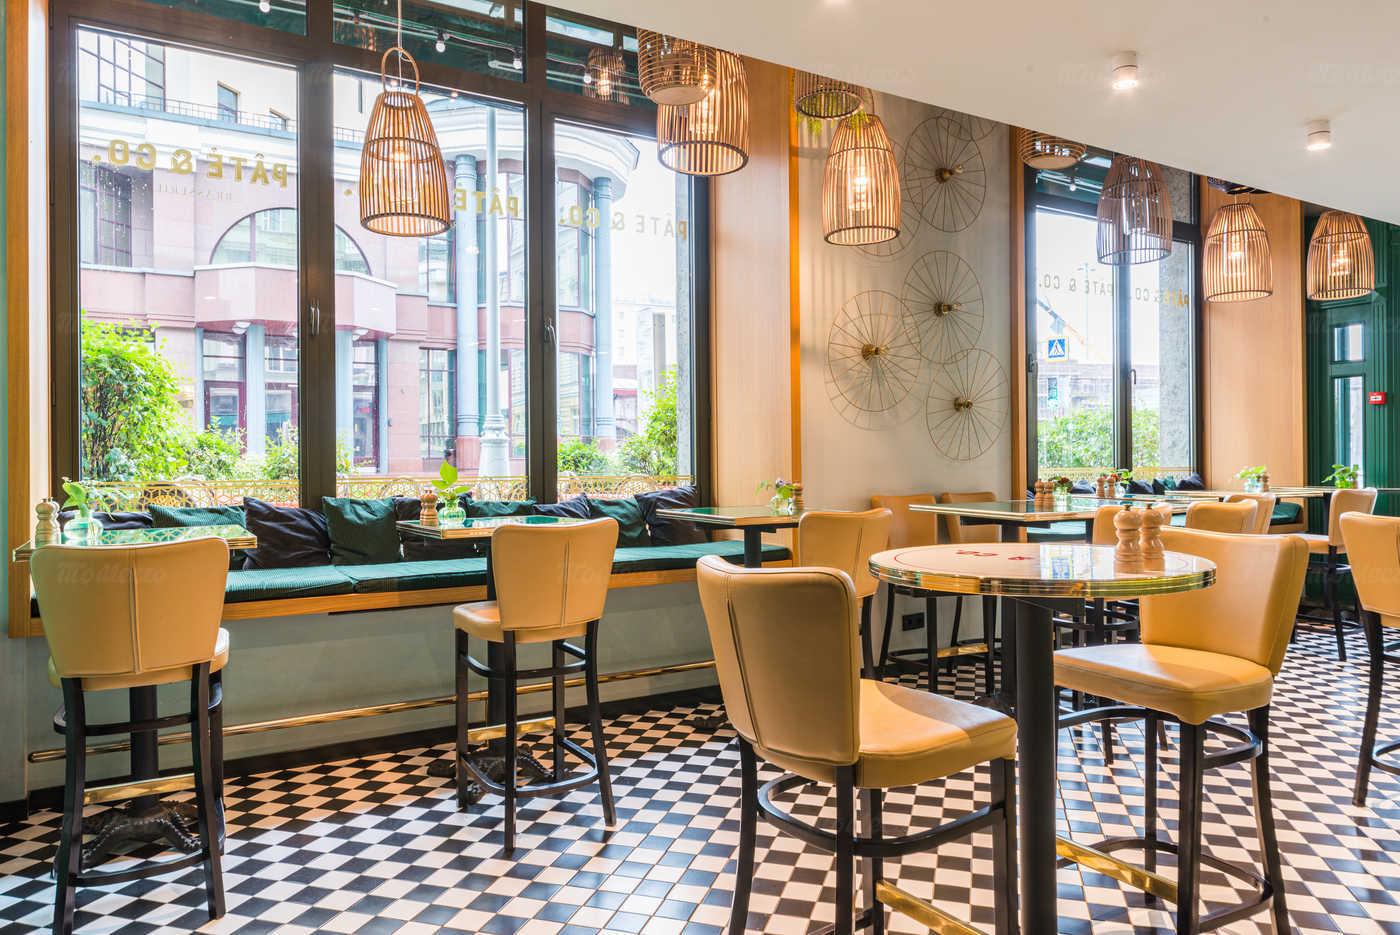 Ресторан Pate & Co на улице Балчуг фото 15